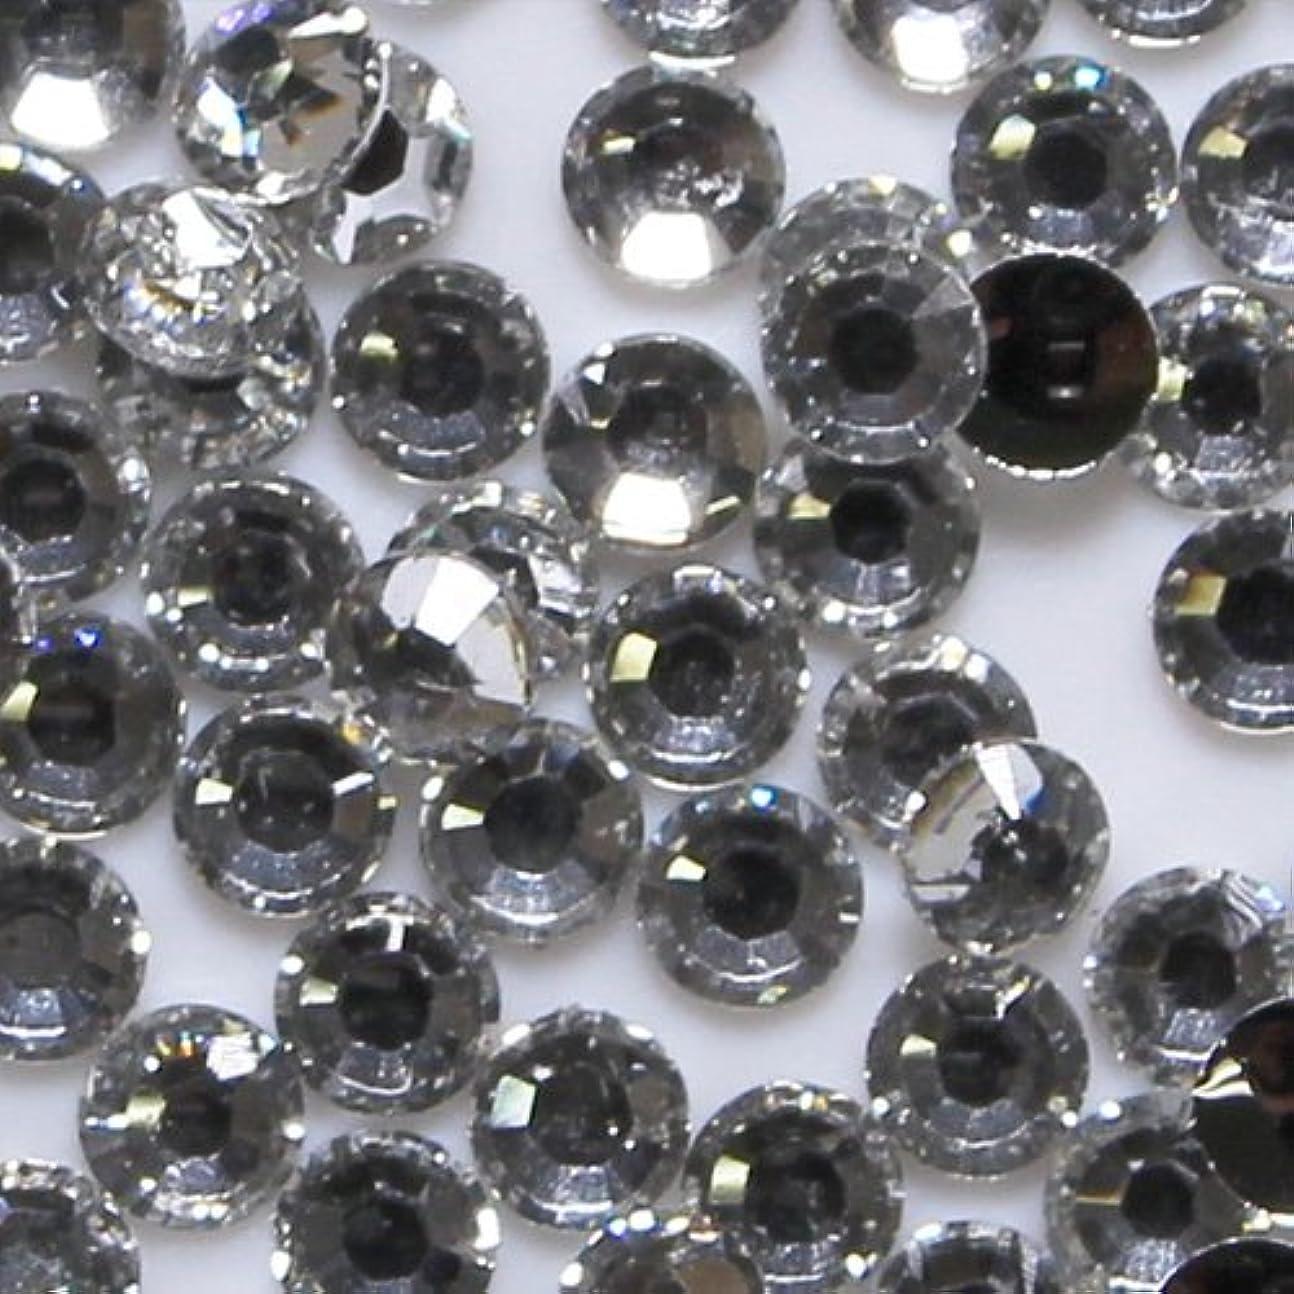 勝つ高揚したフレット高品質 アクリルストーン ラインストーン ラウンドフラット 約1000粒入り 4mm ダイヤモンド